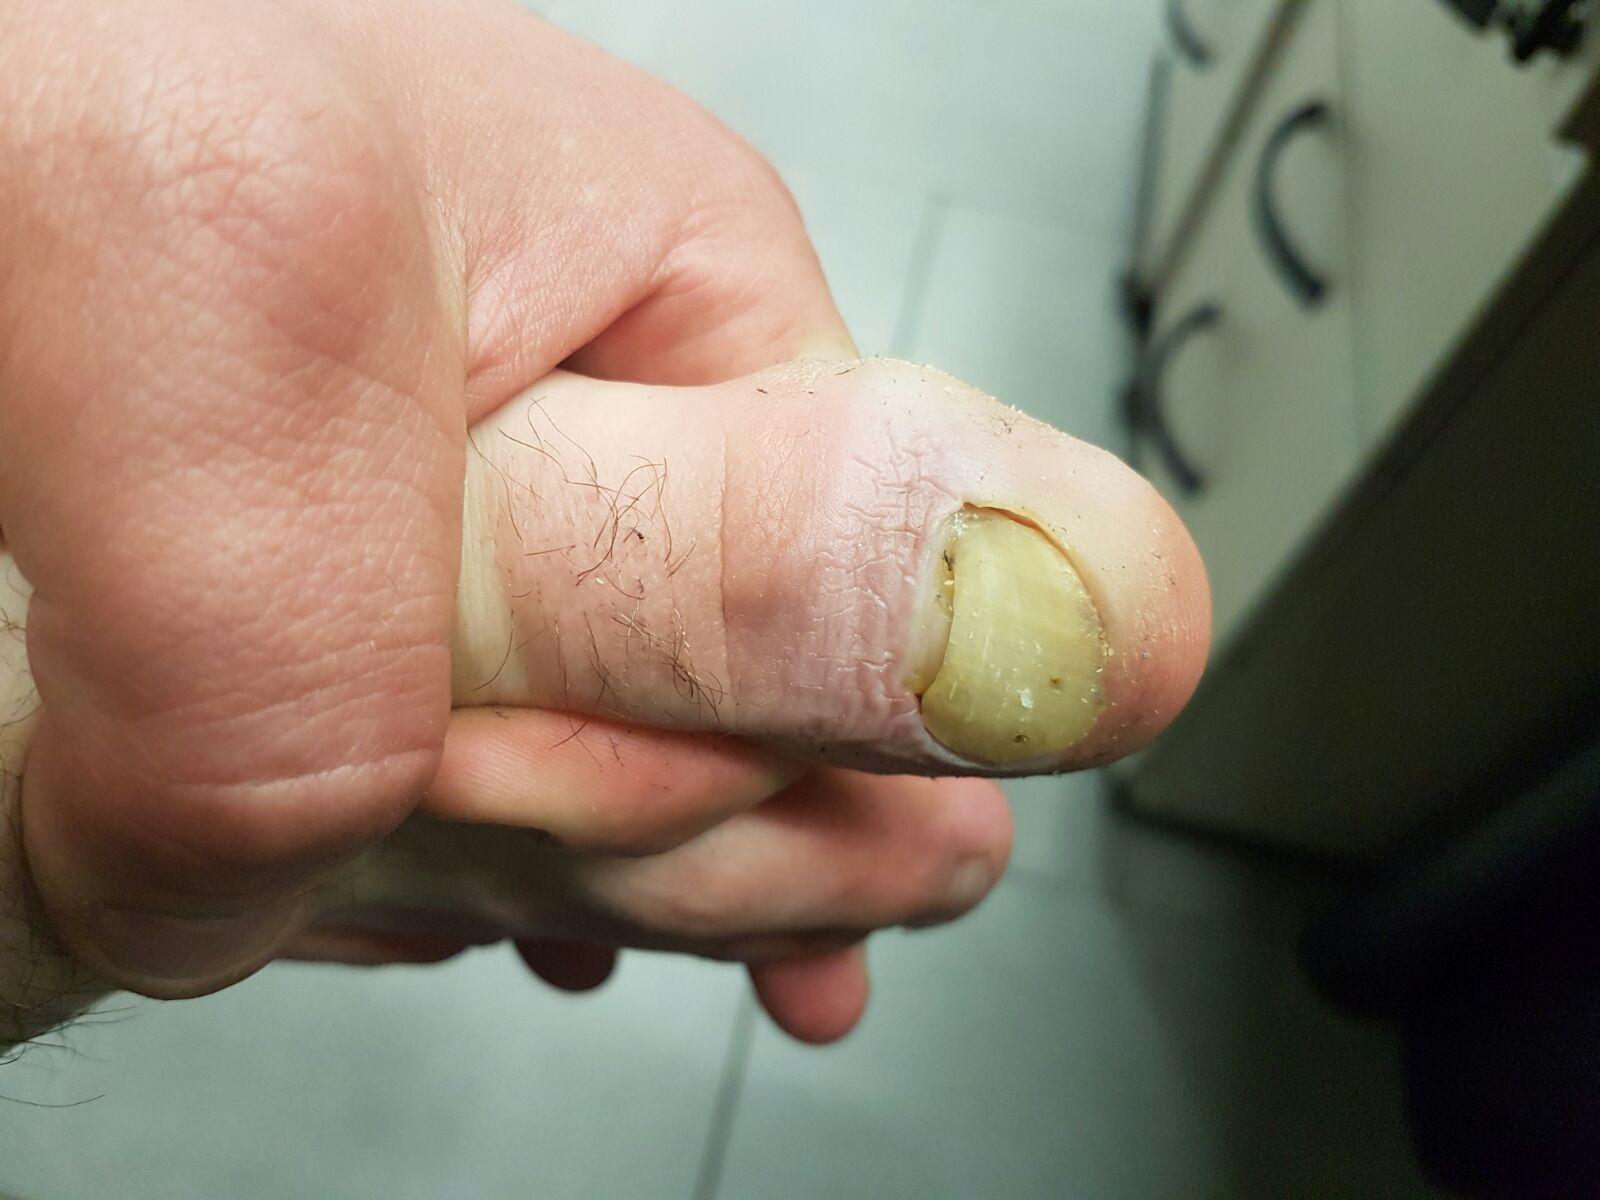 Blutvergiftung Durch Einen Zehennagel Der Abfu00e4llt ? (Krankheit Arzt Krank)